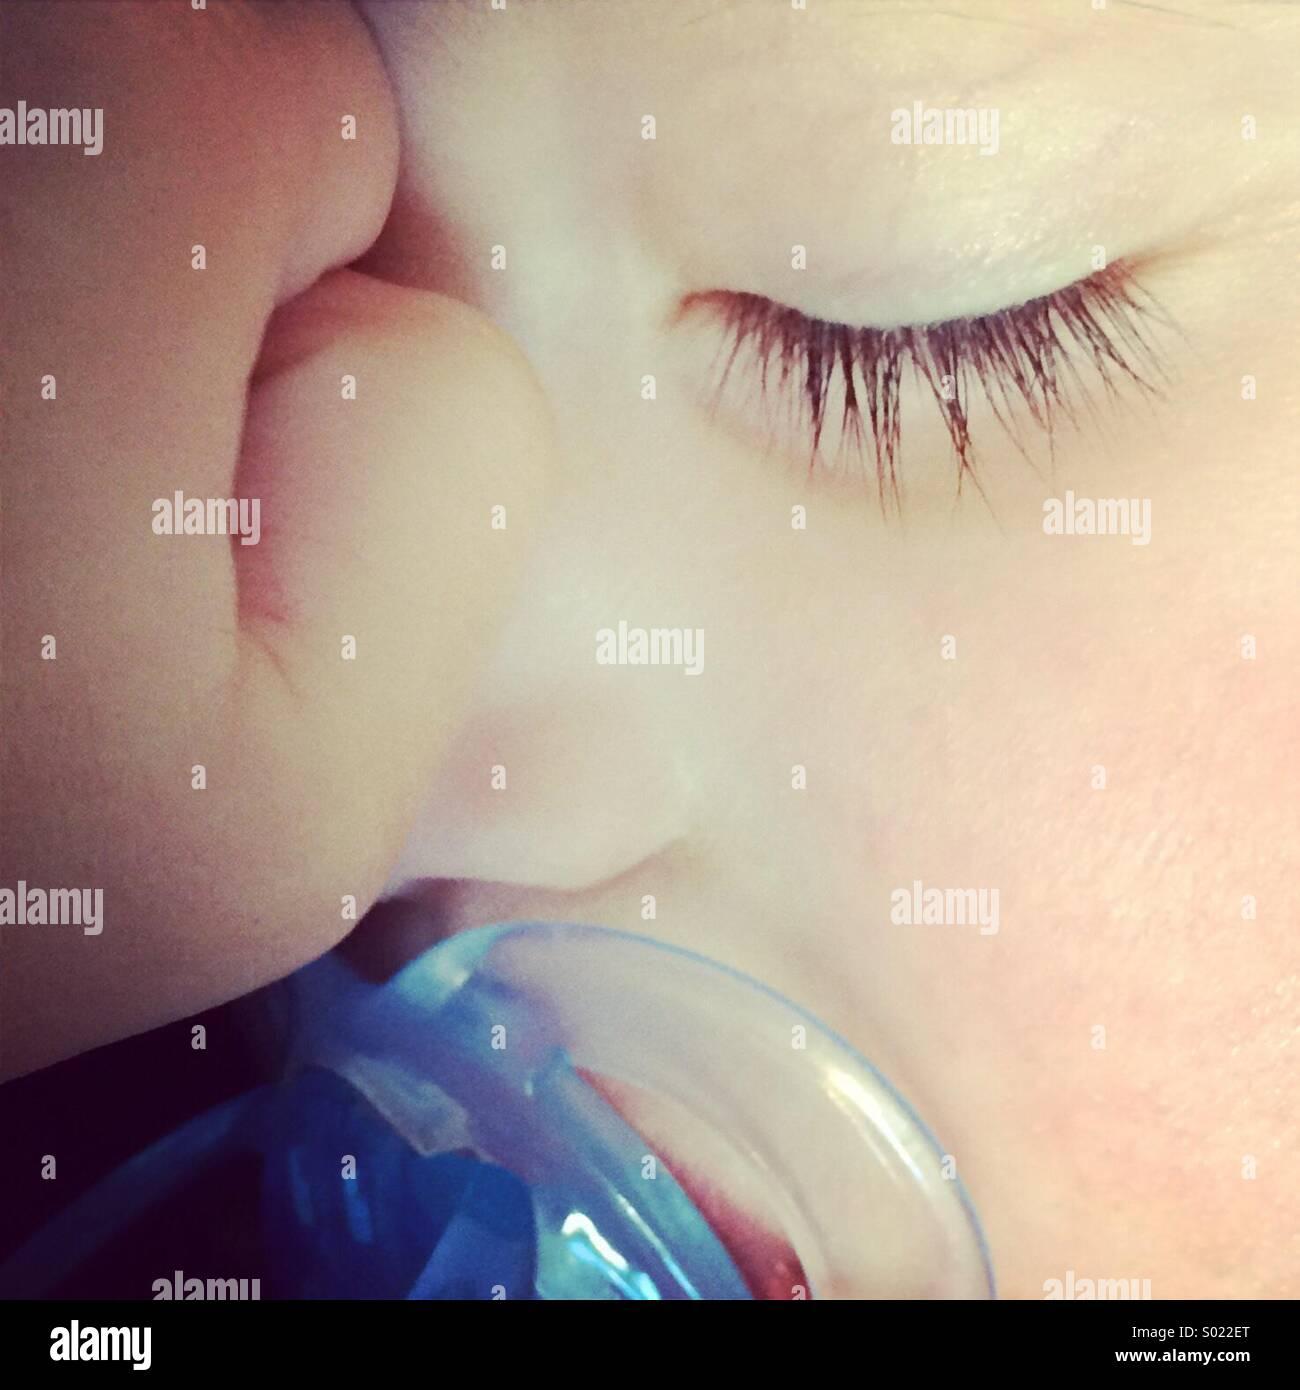 Cerca de un bebé durmiendo con un chupete azul en su boca. Foto de stock